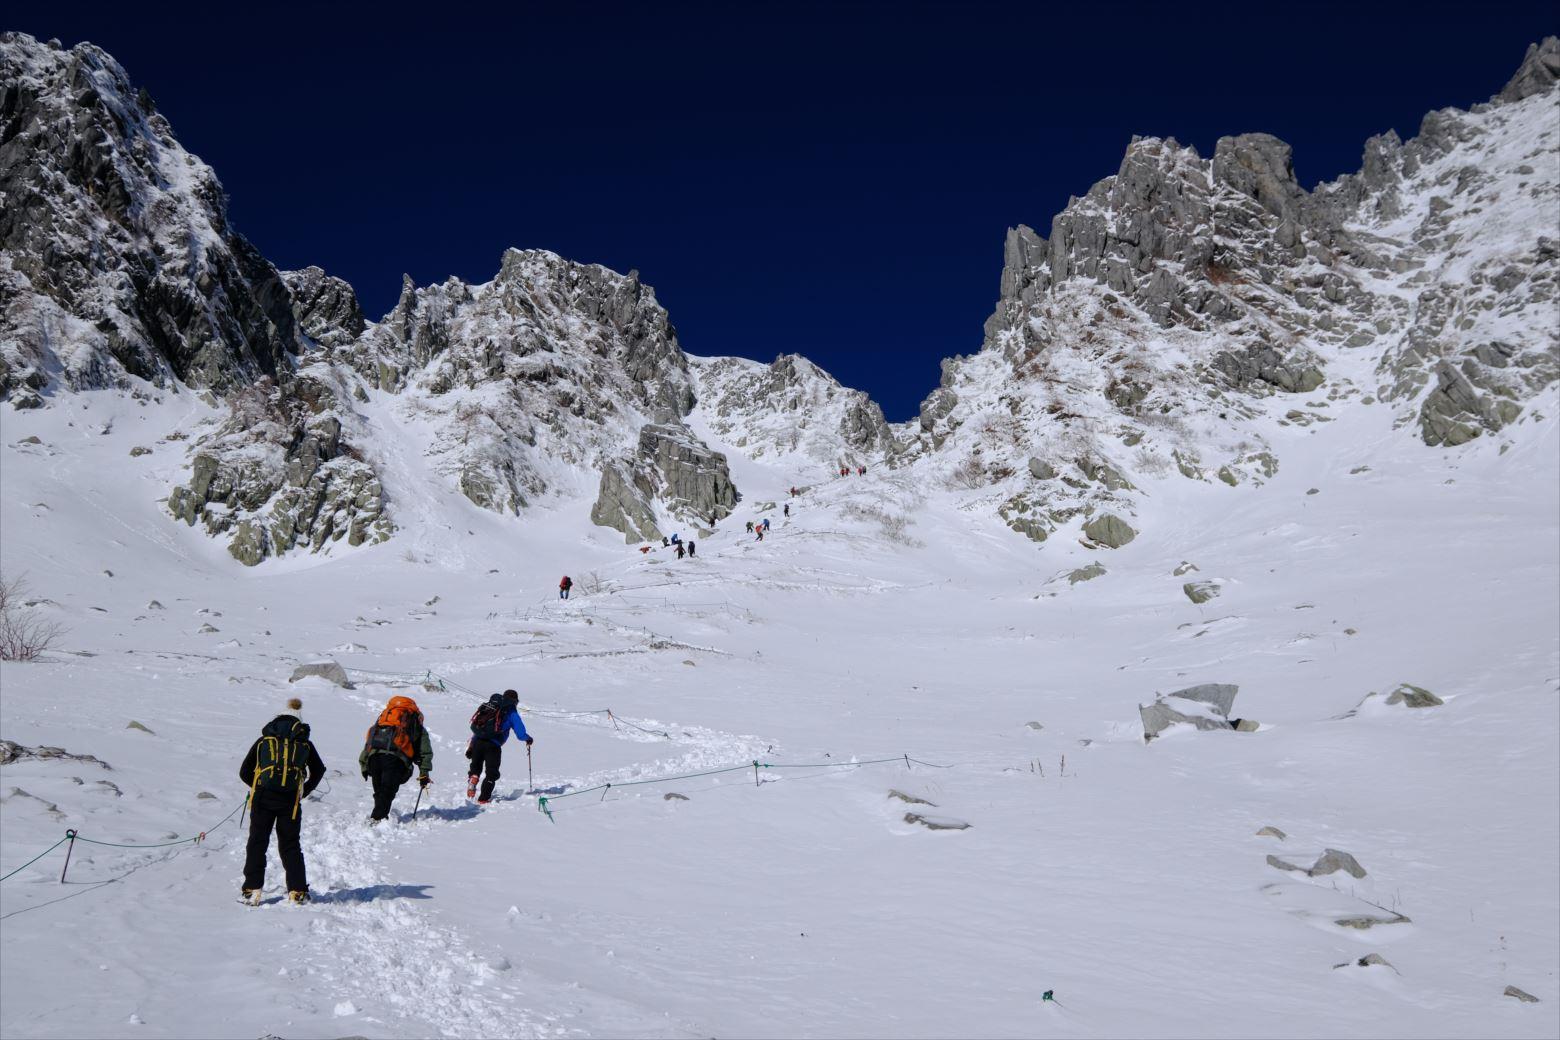 【初冬期・雪山登山】木曽駒ケ岳~日帰りでいく雪山3,000m級峰~